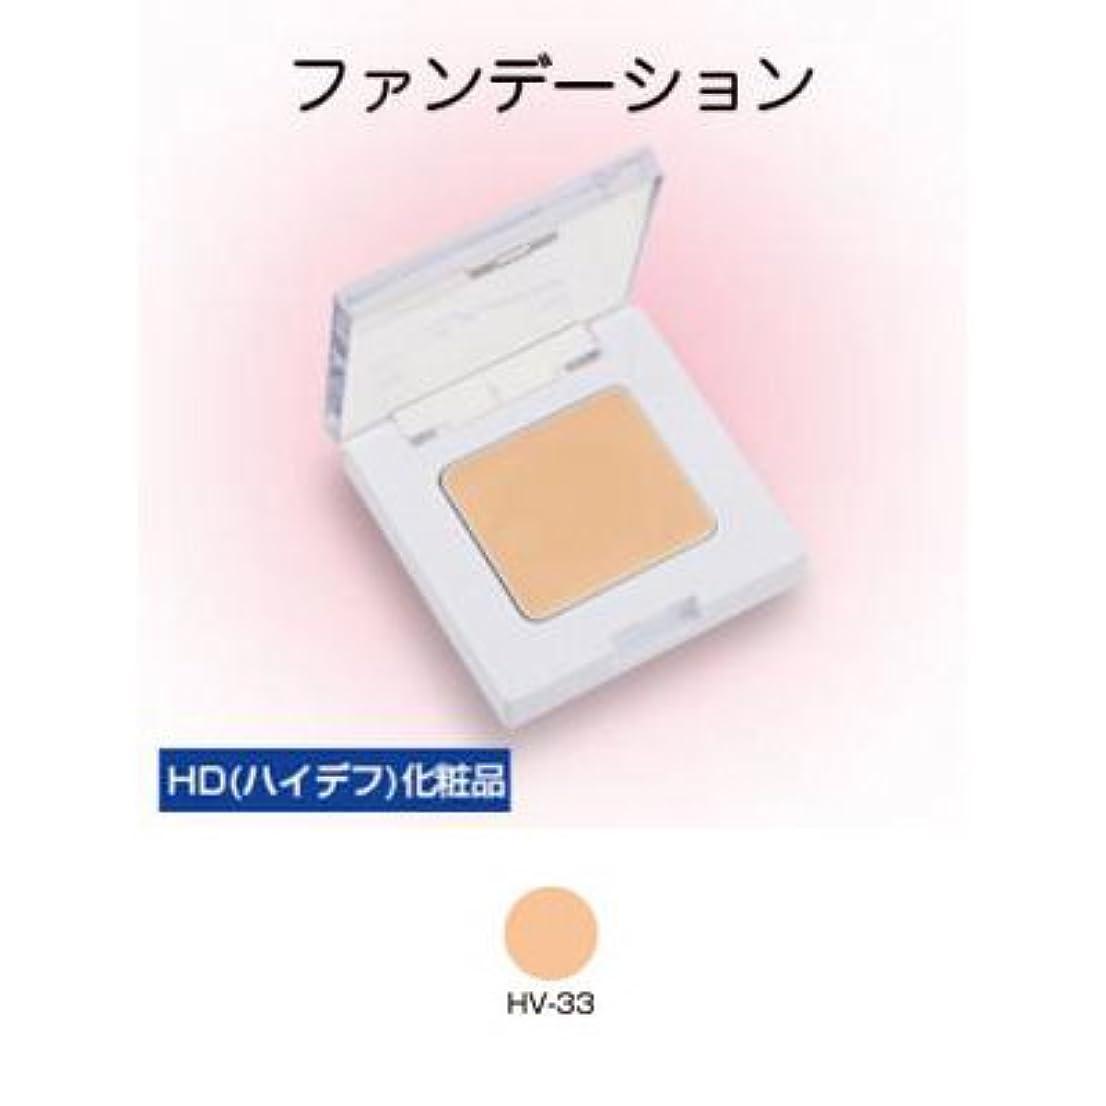 重なるフルーツグラムシャレナ カバーファンデーション ミニ HV-33 【三善】